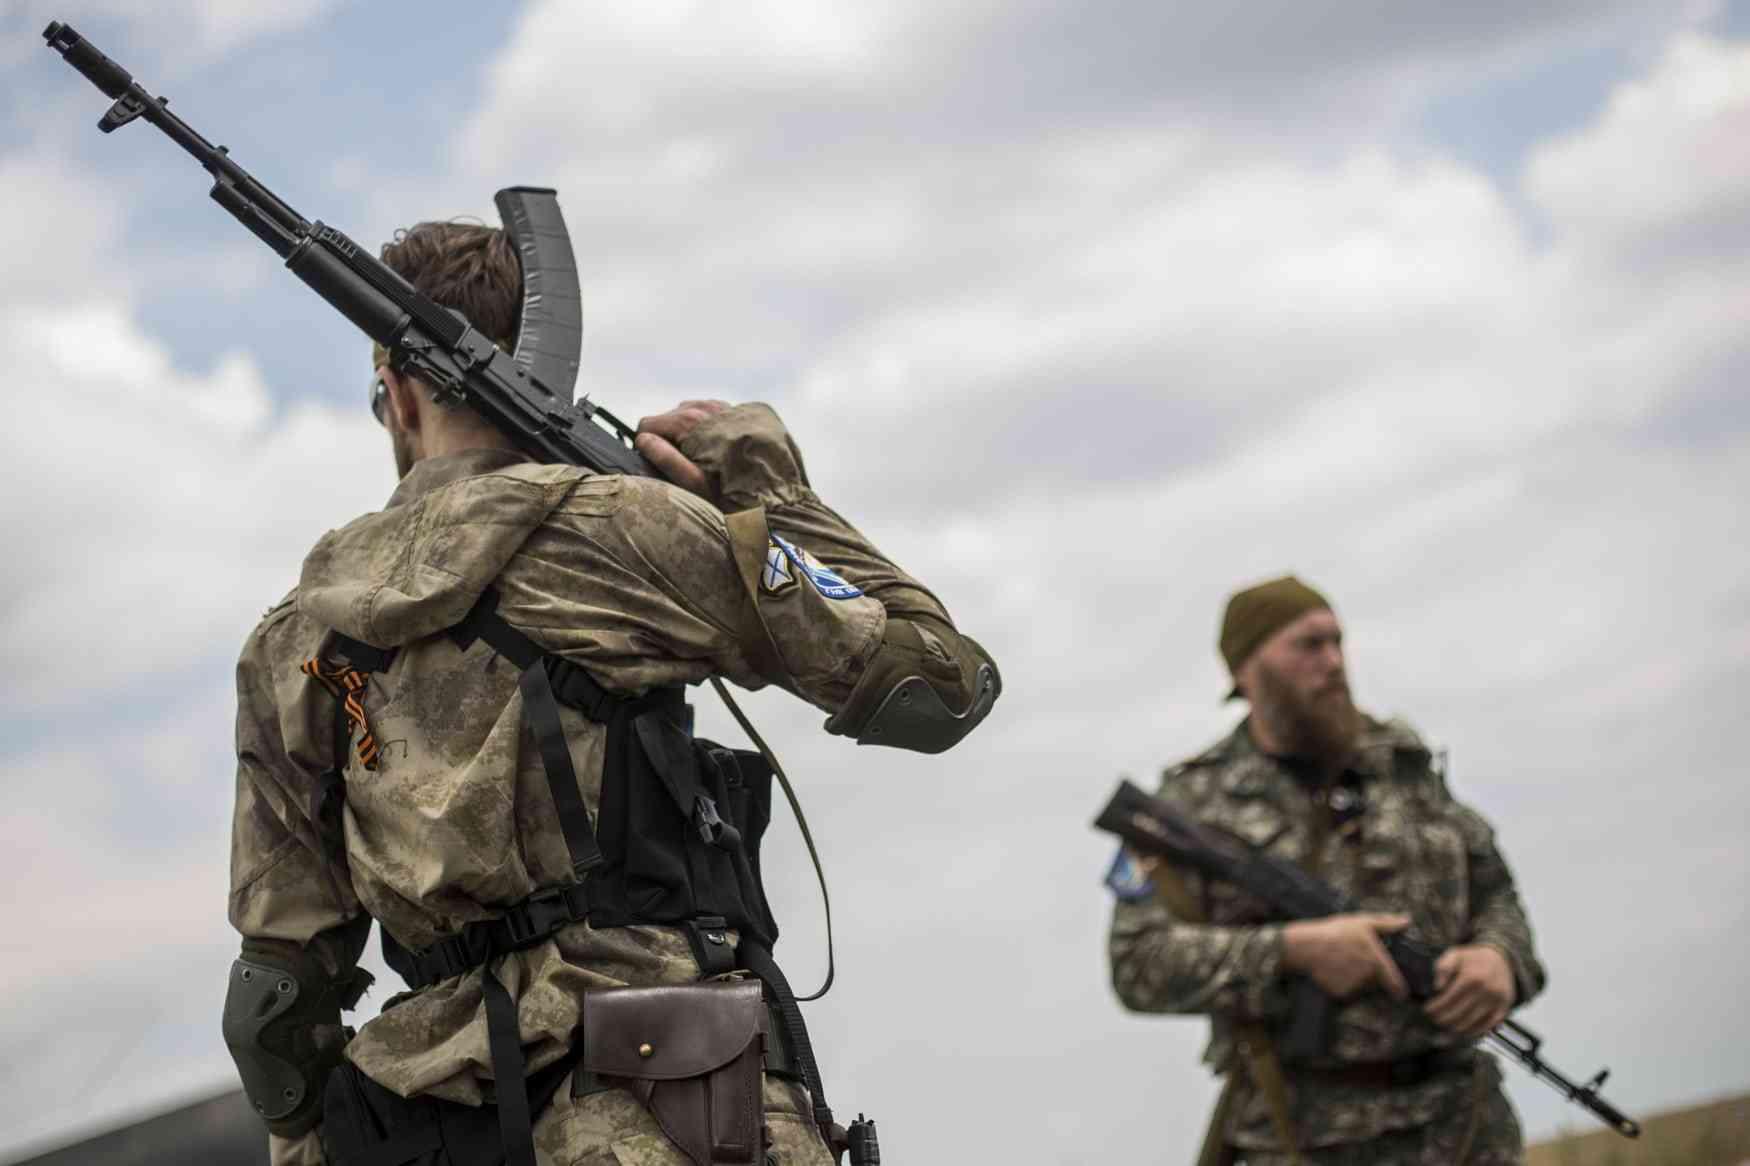 днр, лнр, донбасс, армия россии, петровское, разведение, война на донбассе, оос, армия украины, новости украины